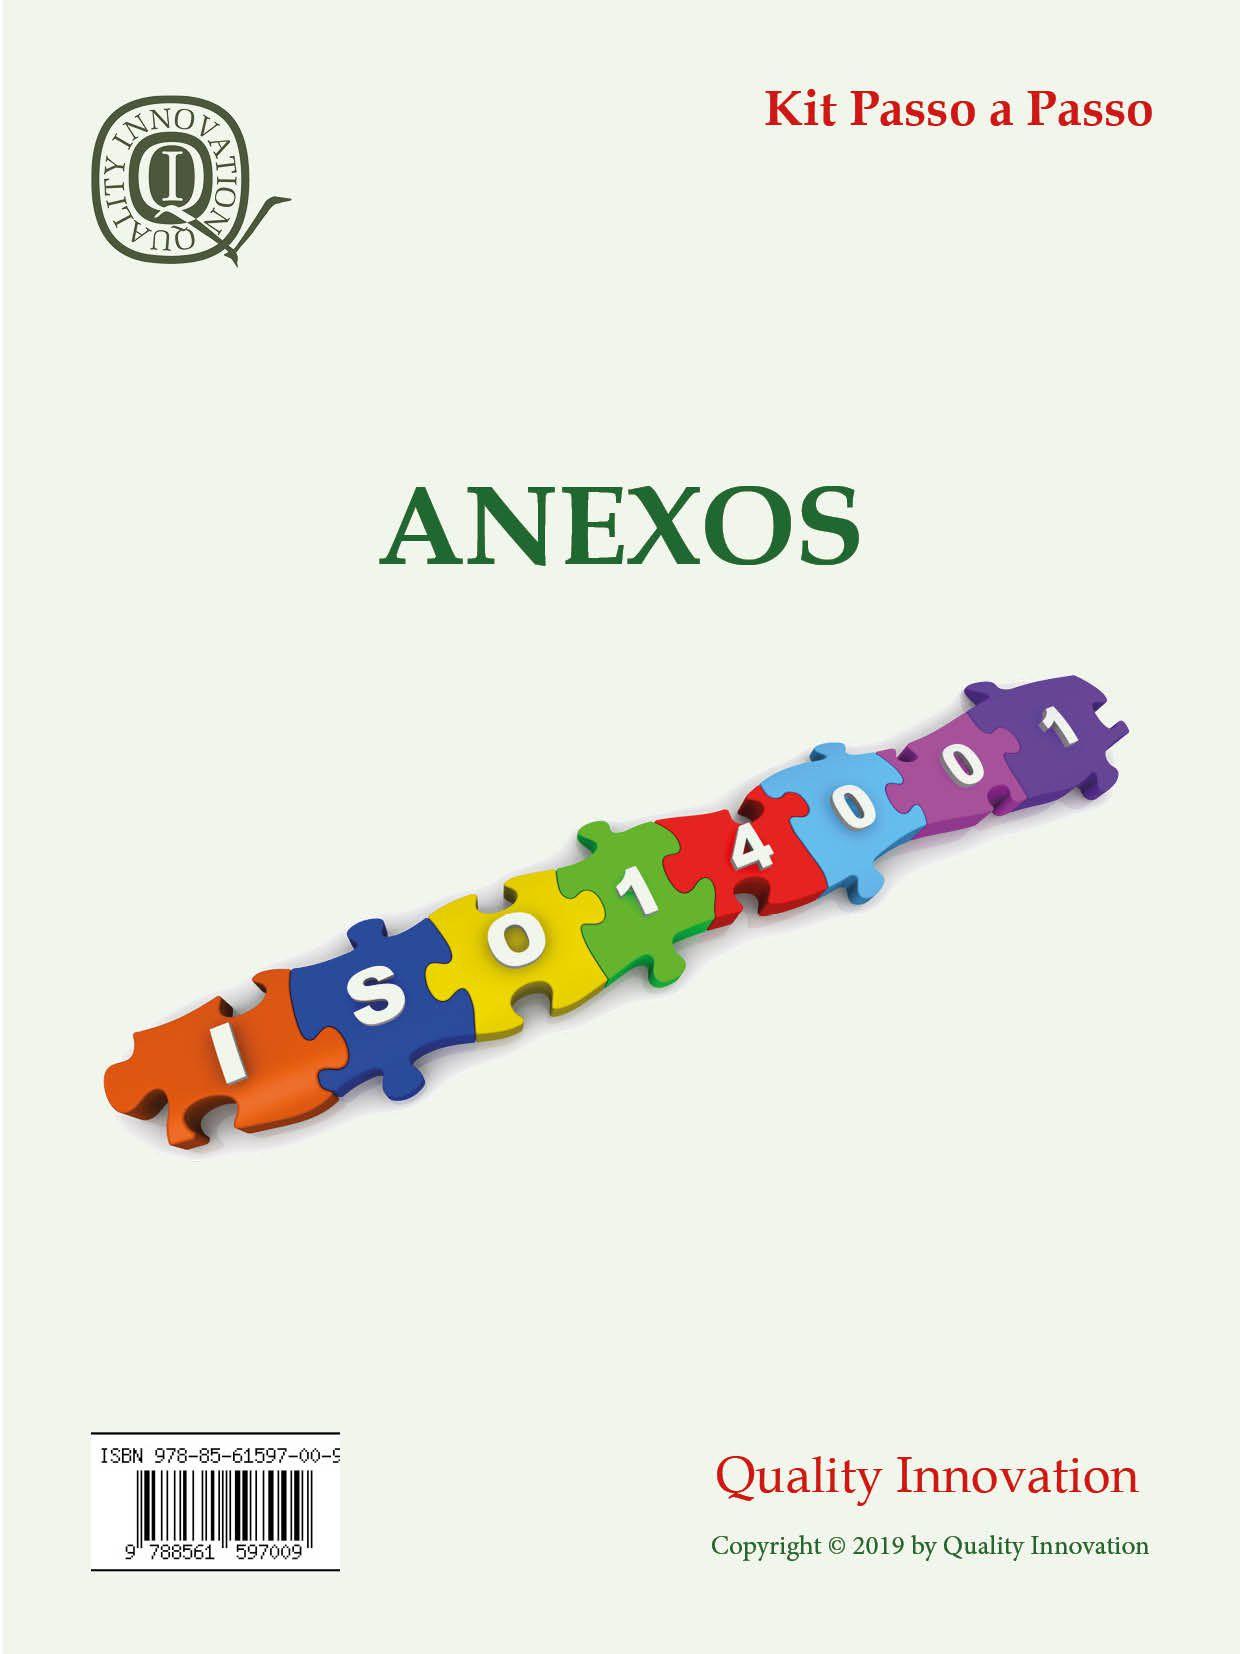 Anexos para Implantação da ISO 14001  - www.qualistore.net.br